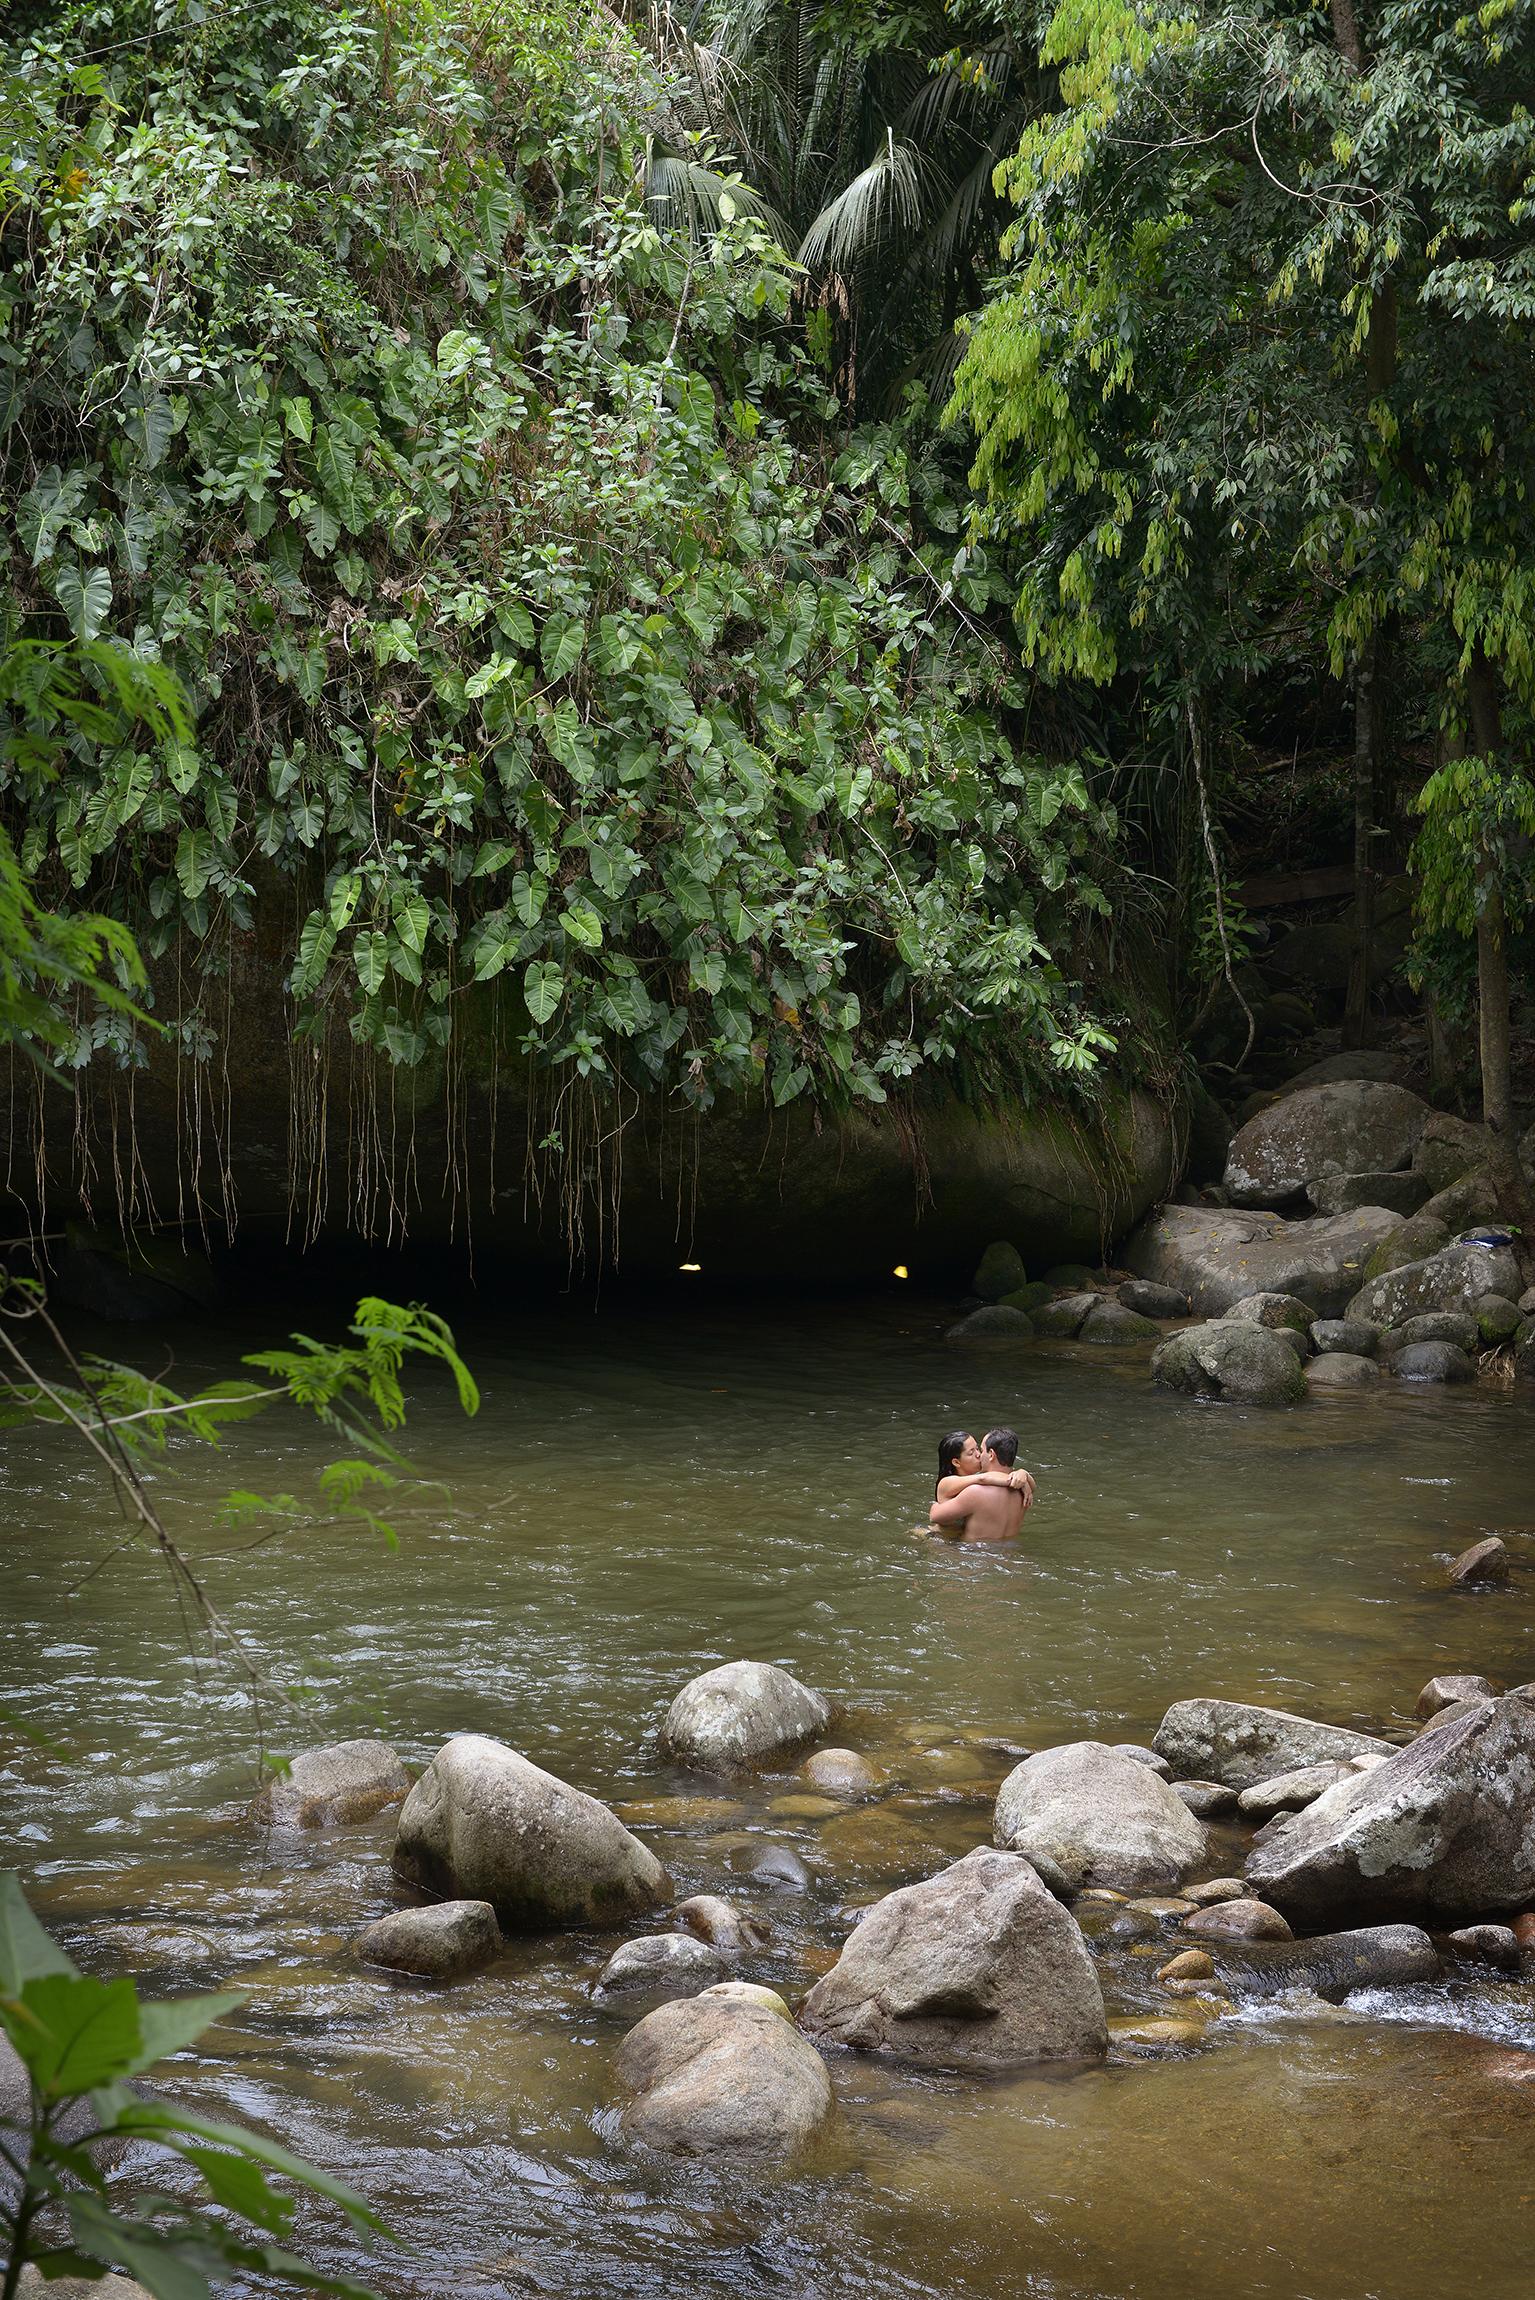 Matkablogi, matka, Brasilia, viidakko, luontomatkailu